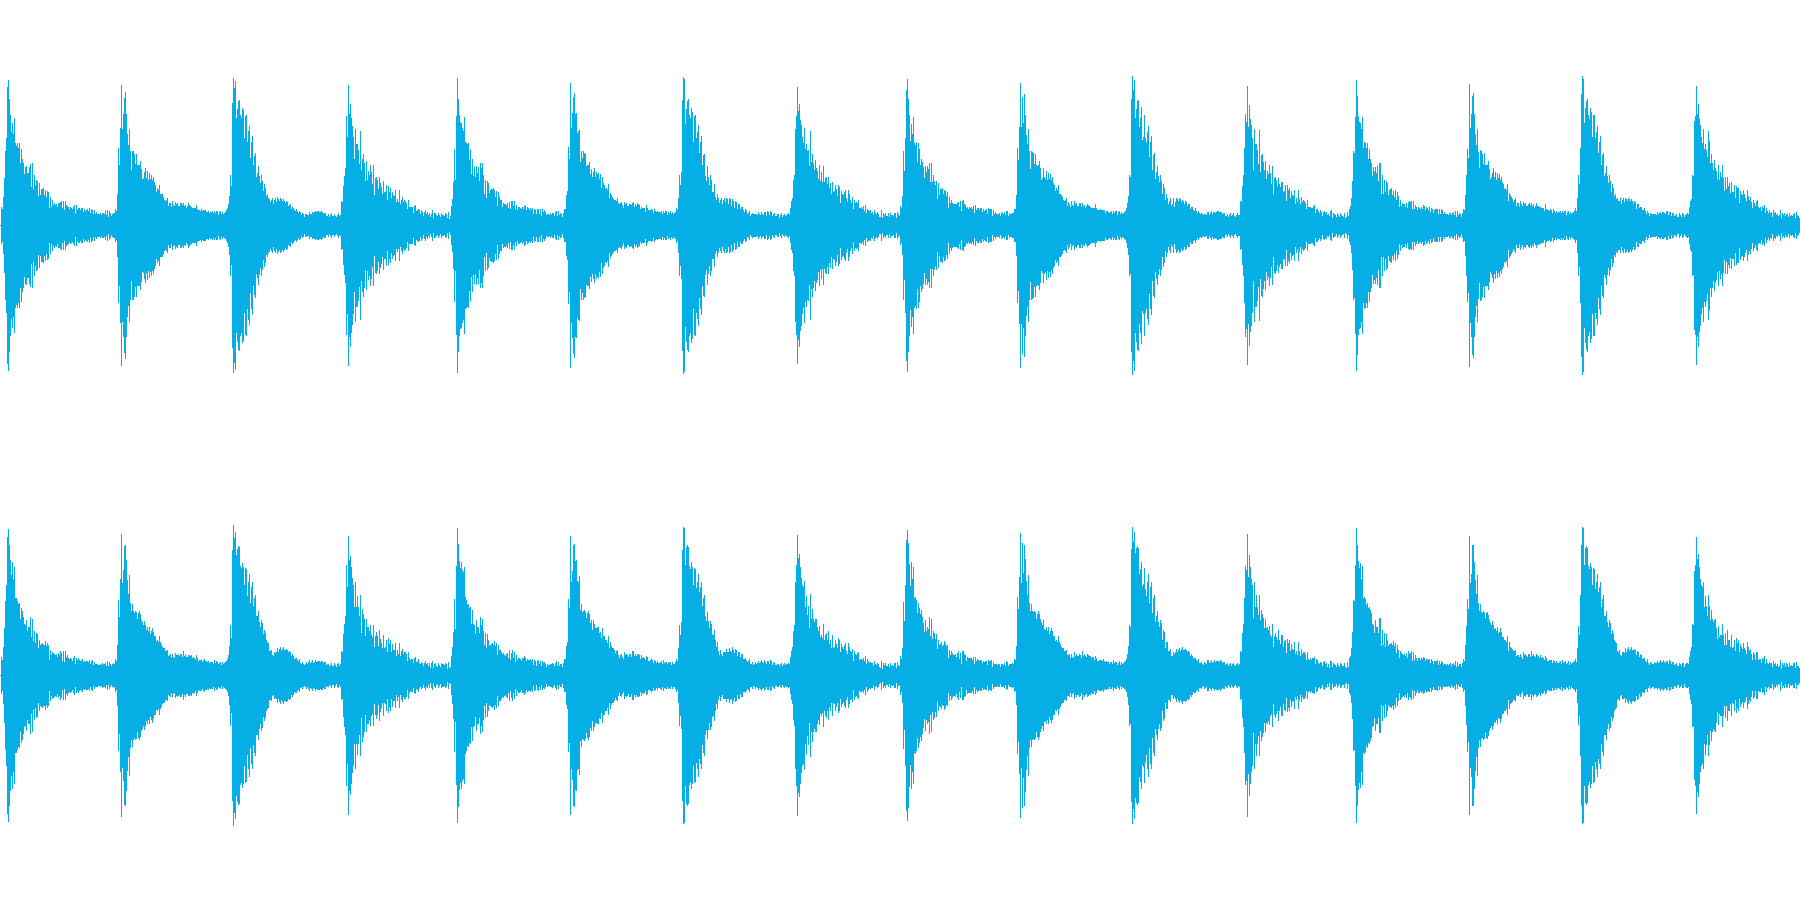 【西部劇風アコースティックギター】の再生済みの波形